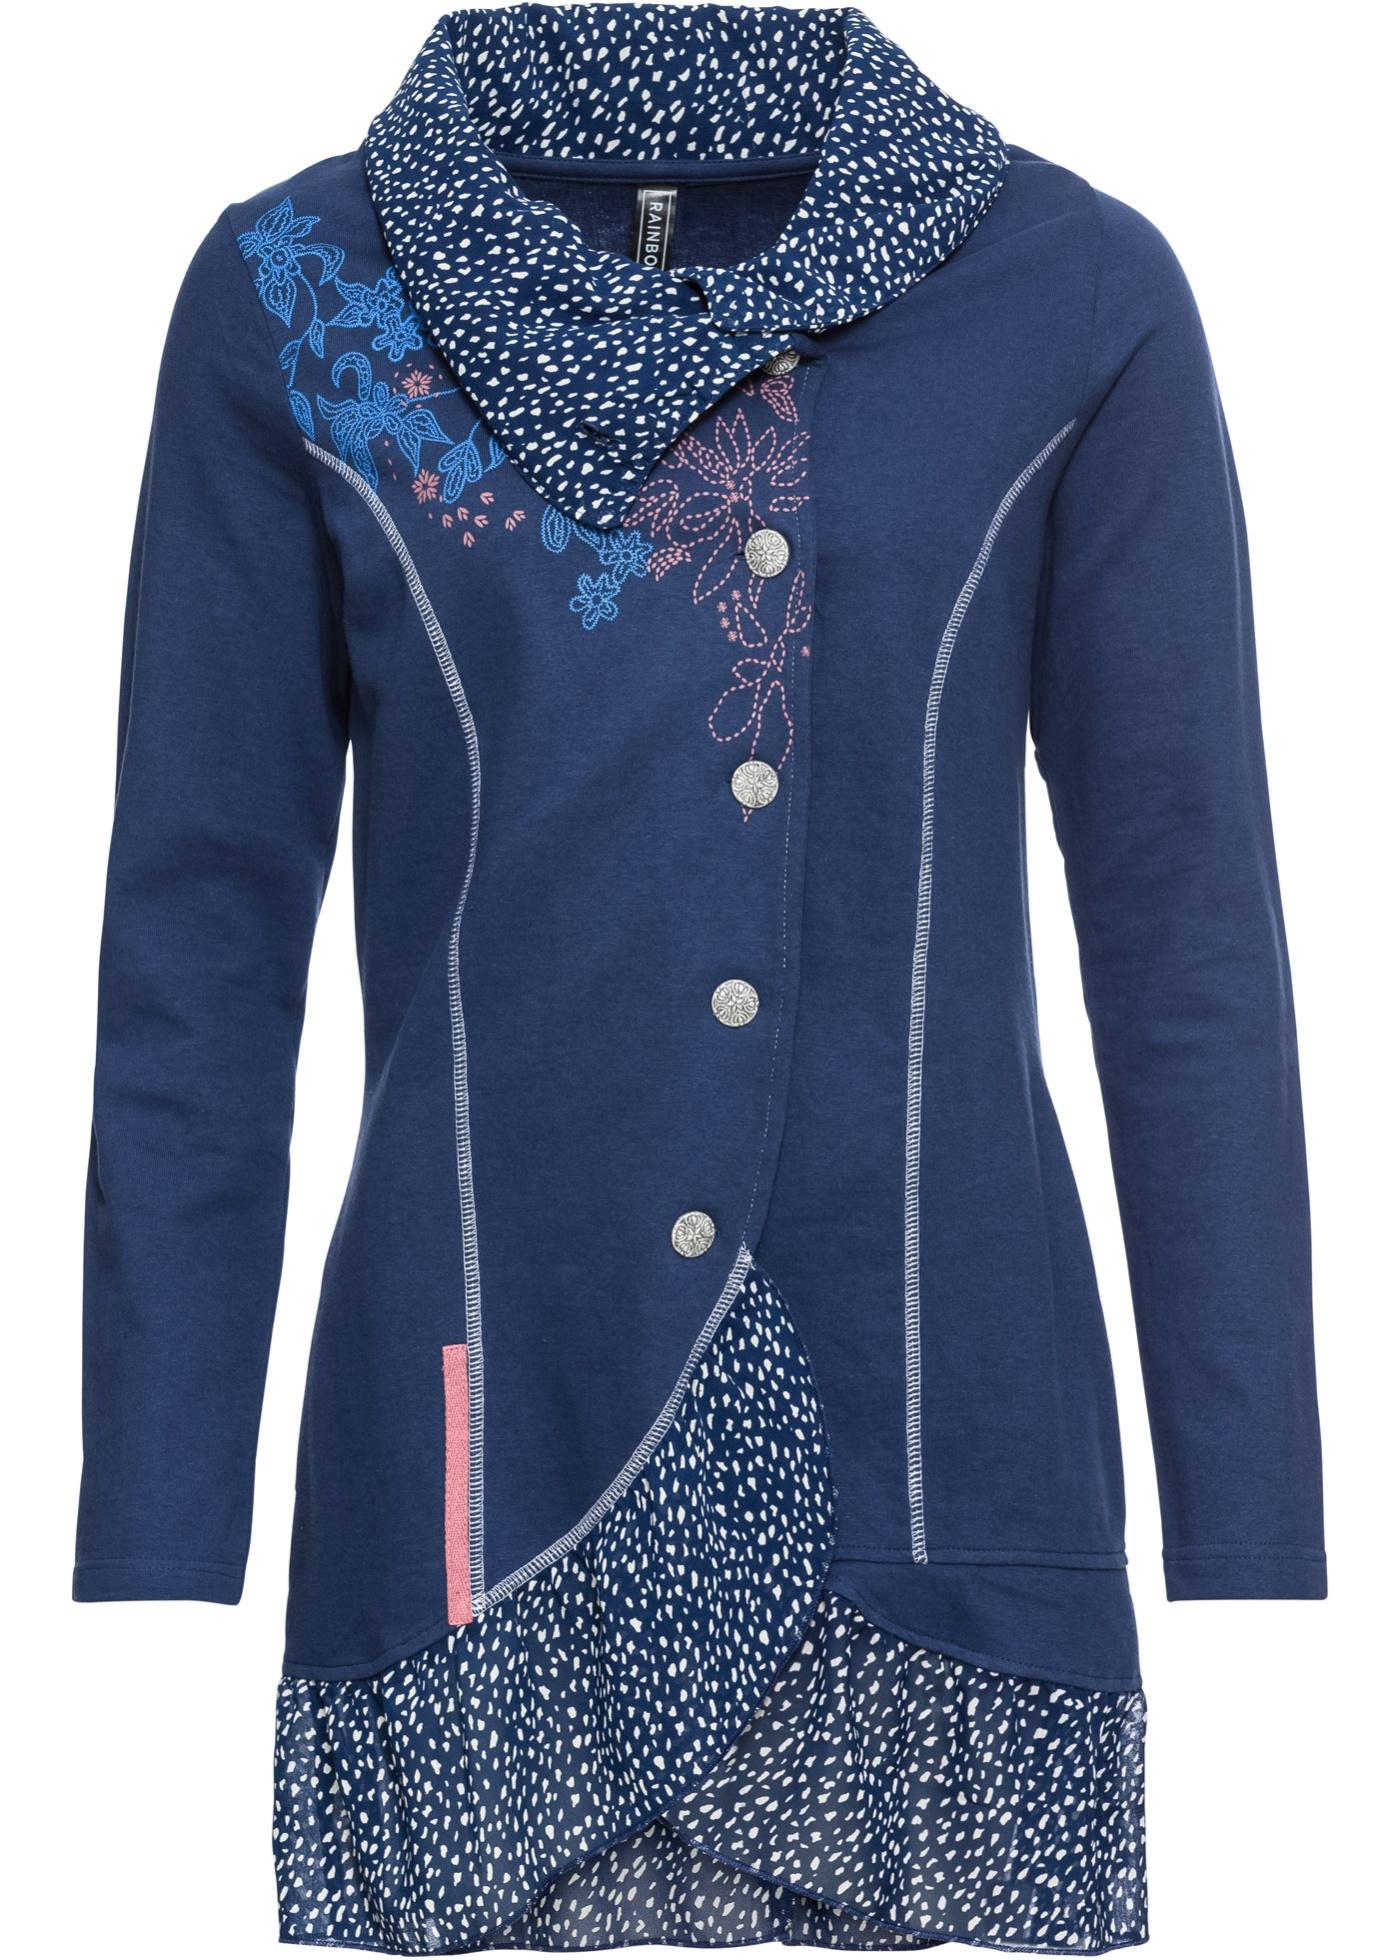 BonprixGilet Bleu T Femme Manches Rainbow shirt Longues Pour 45cj3ARLq